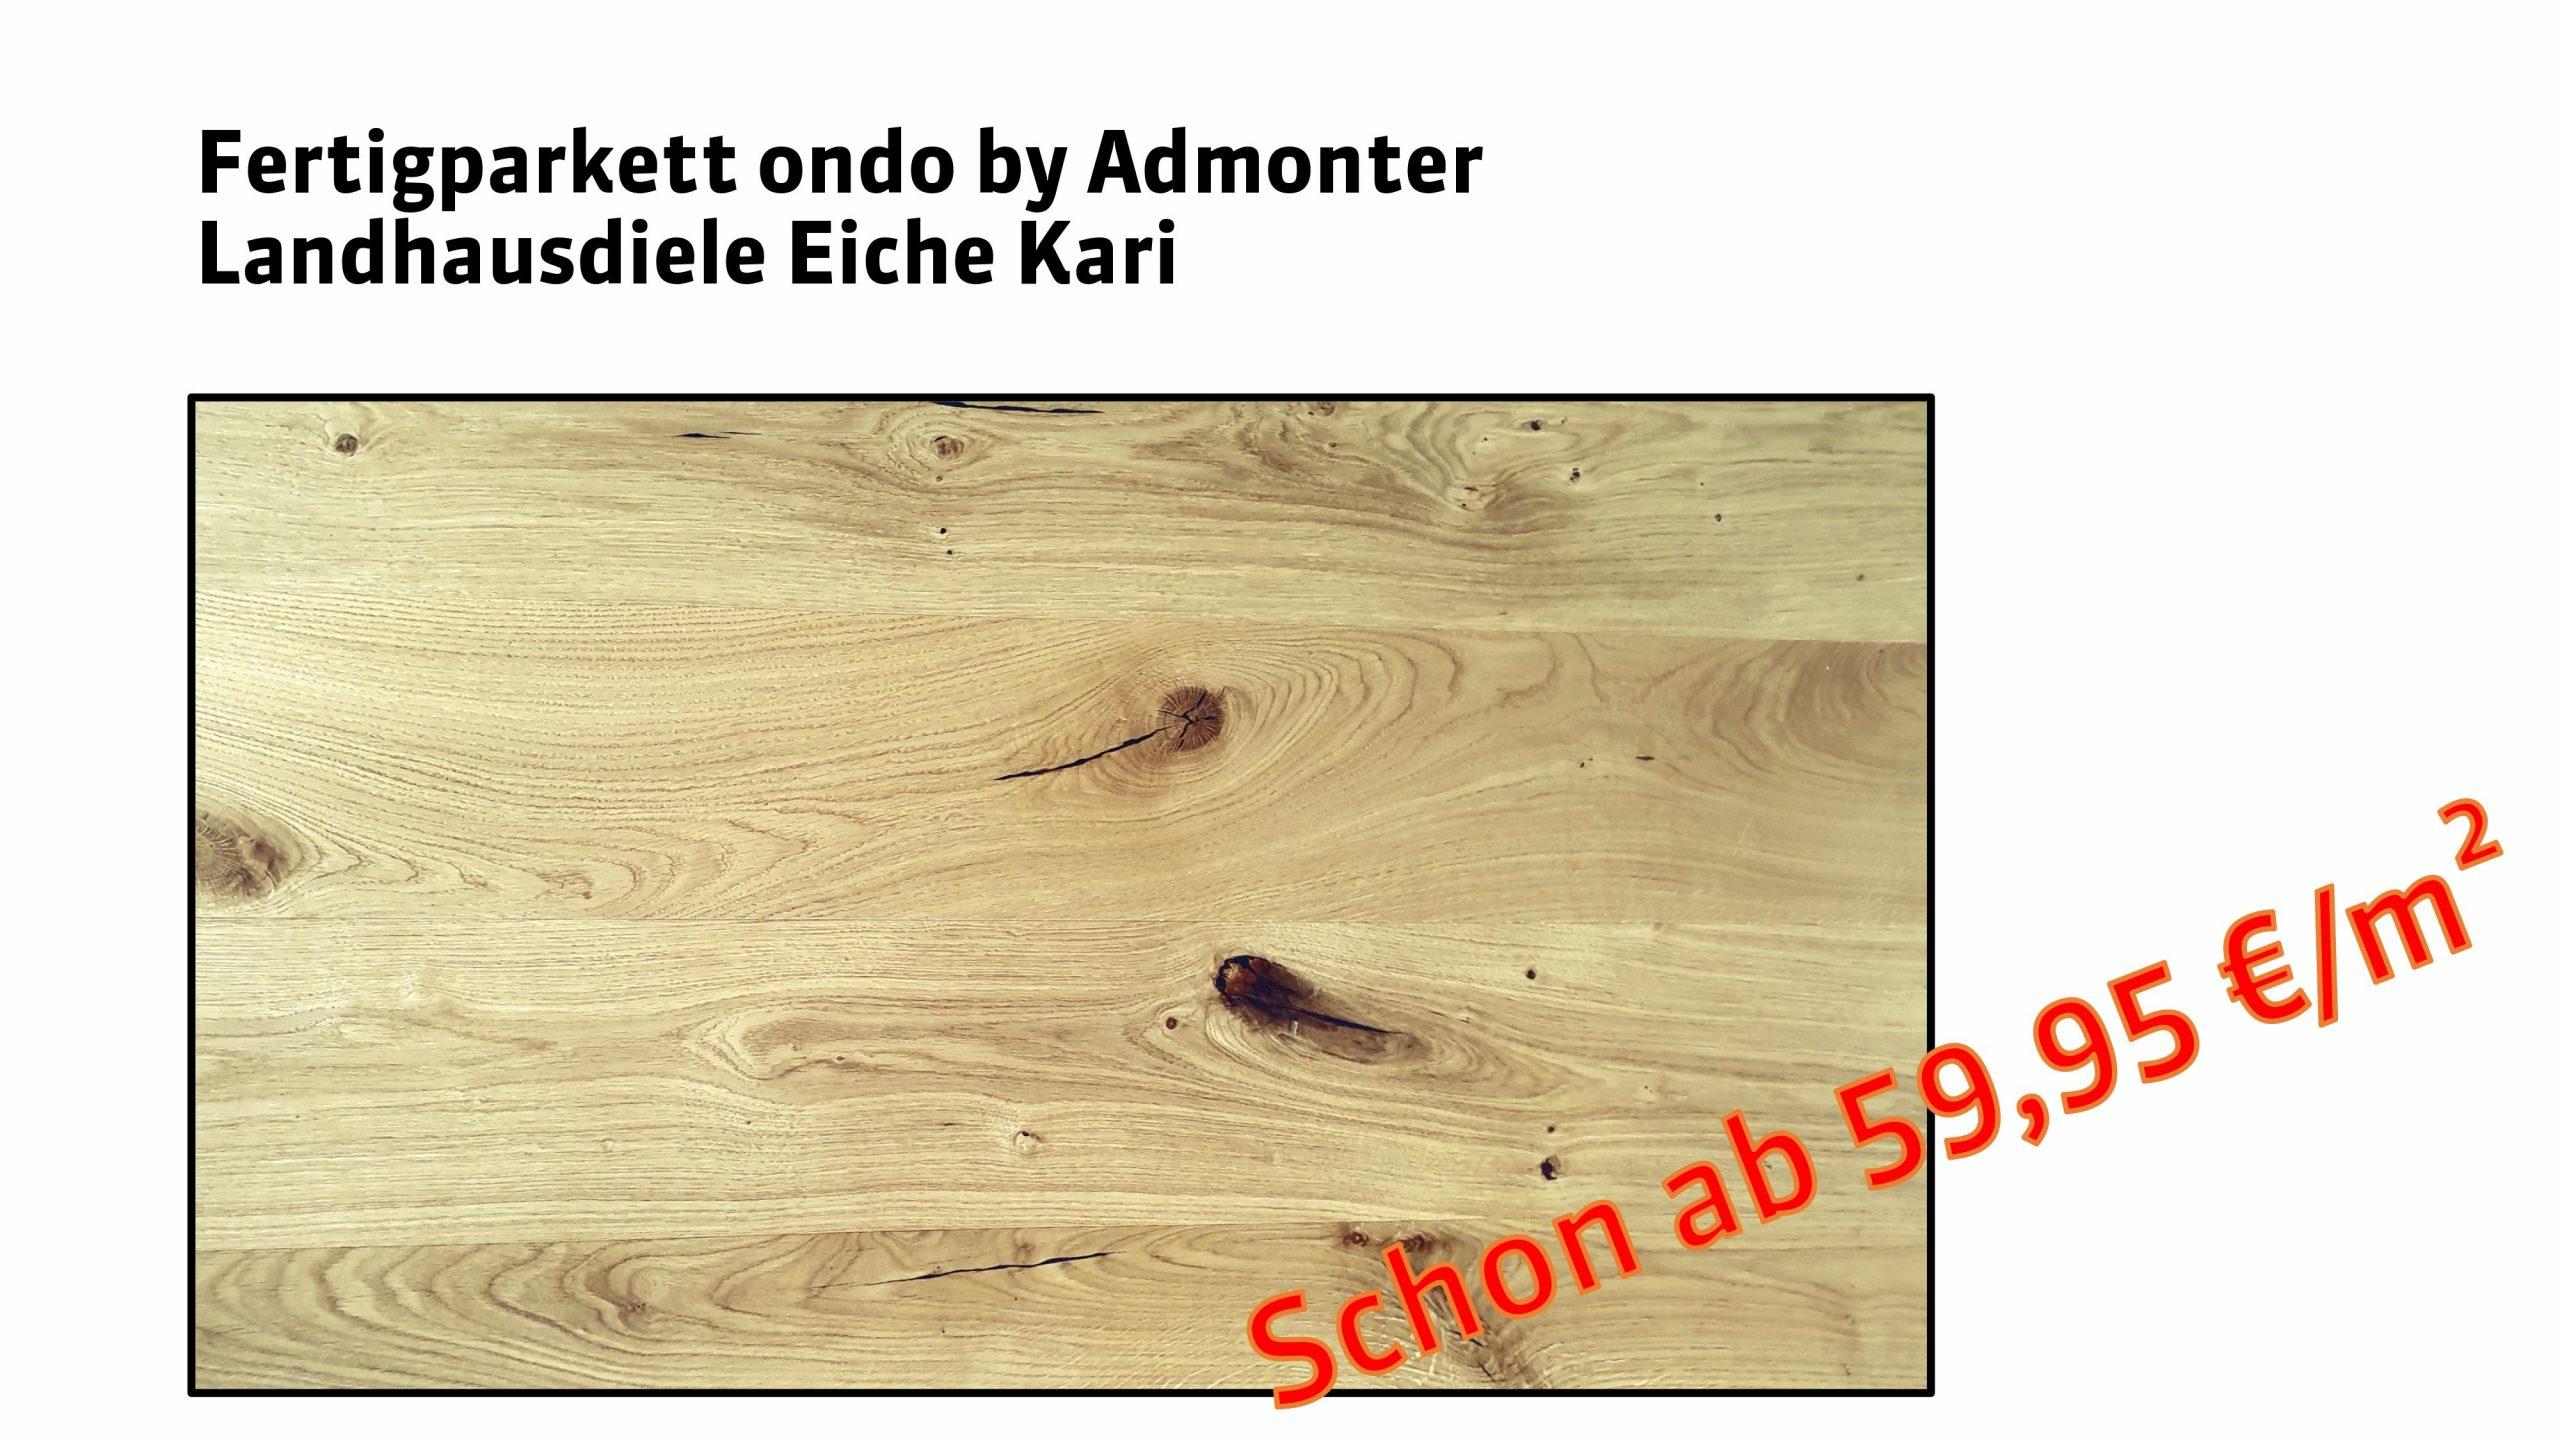 Aktionsangebot Admonter Ondo Kari